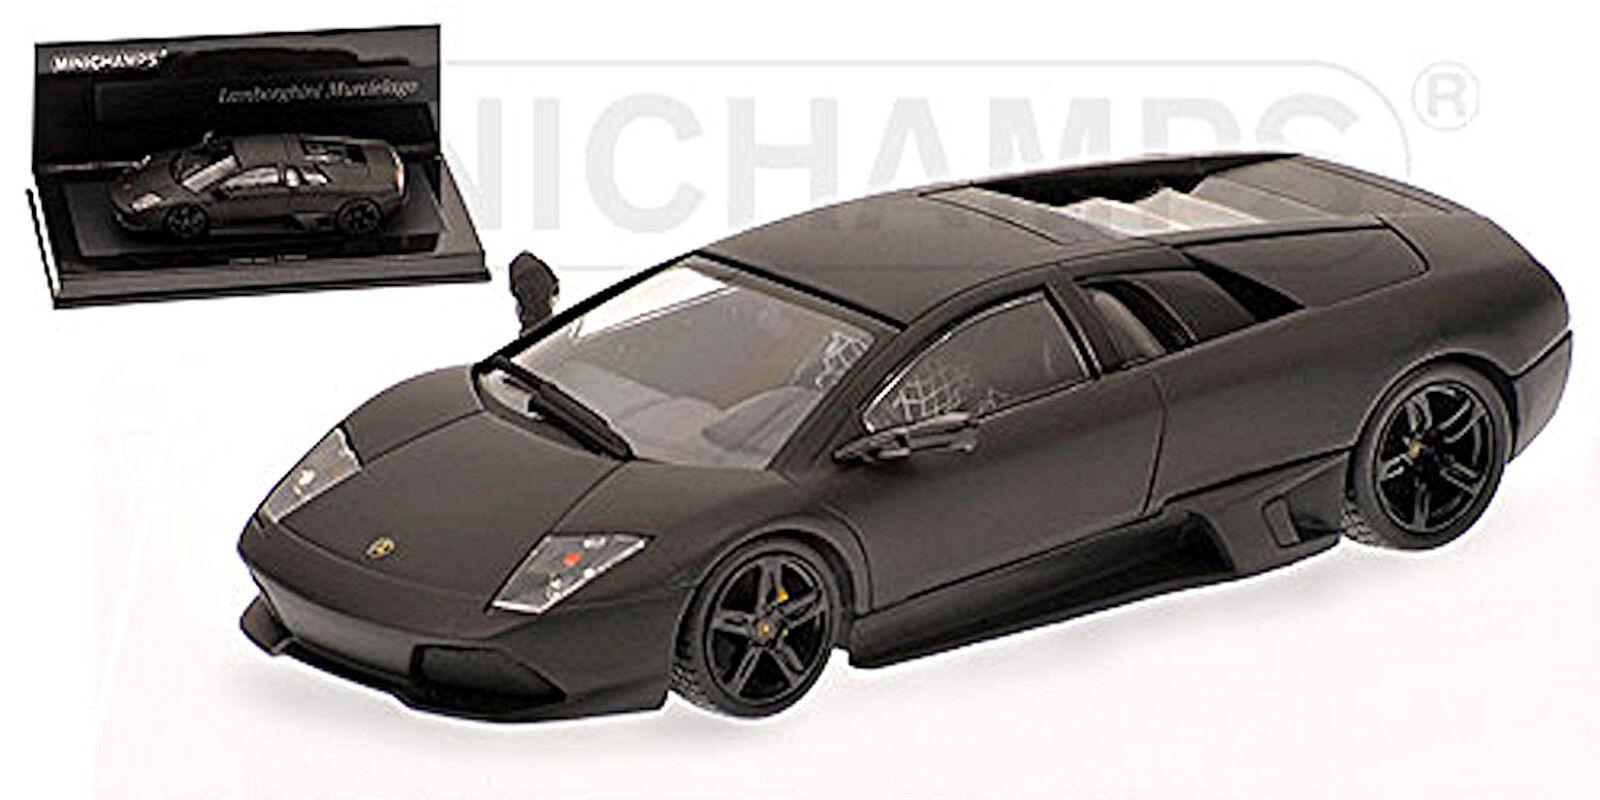 Lamborghini Murcielago 2006 #5 noir mat noir Linea Opaca #5 2006 - 1:43 Minichamps cb4185